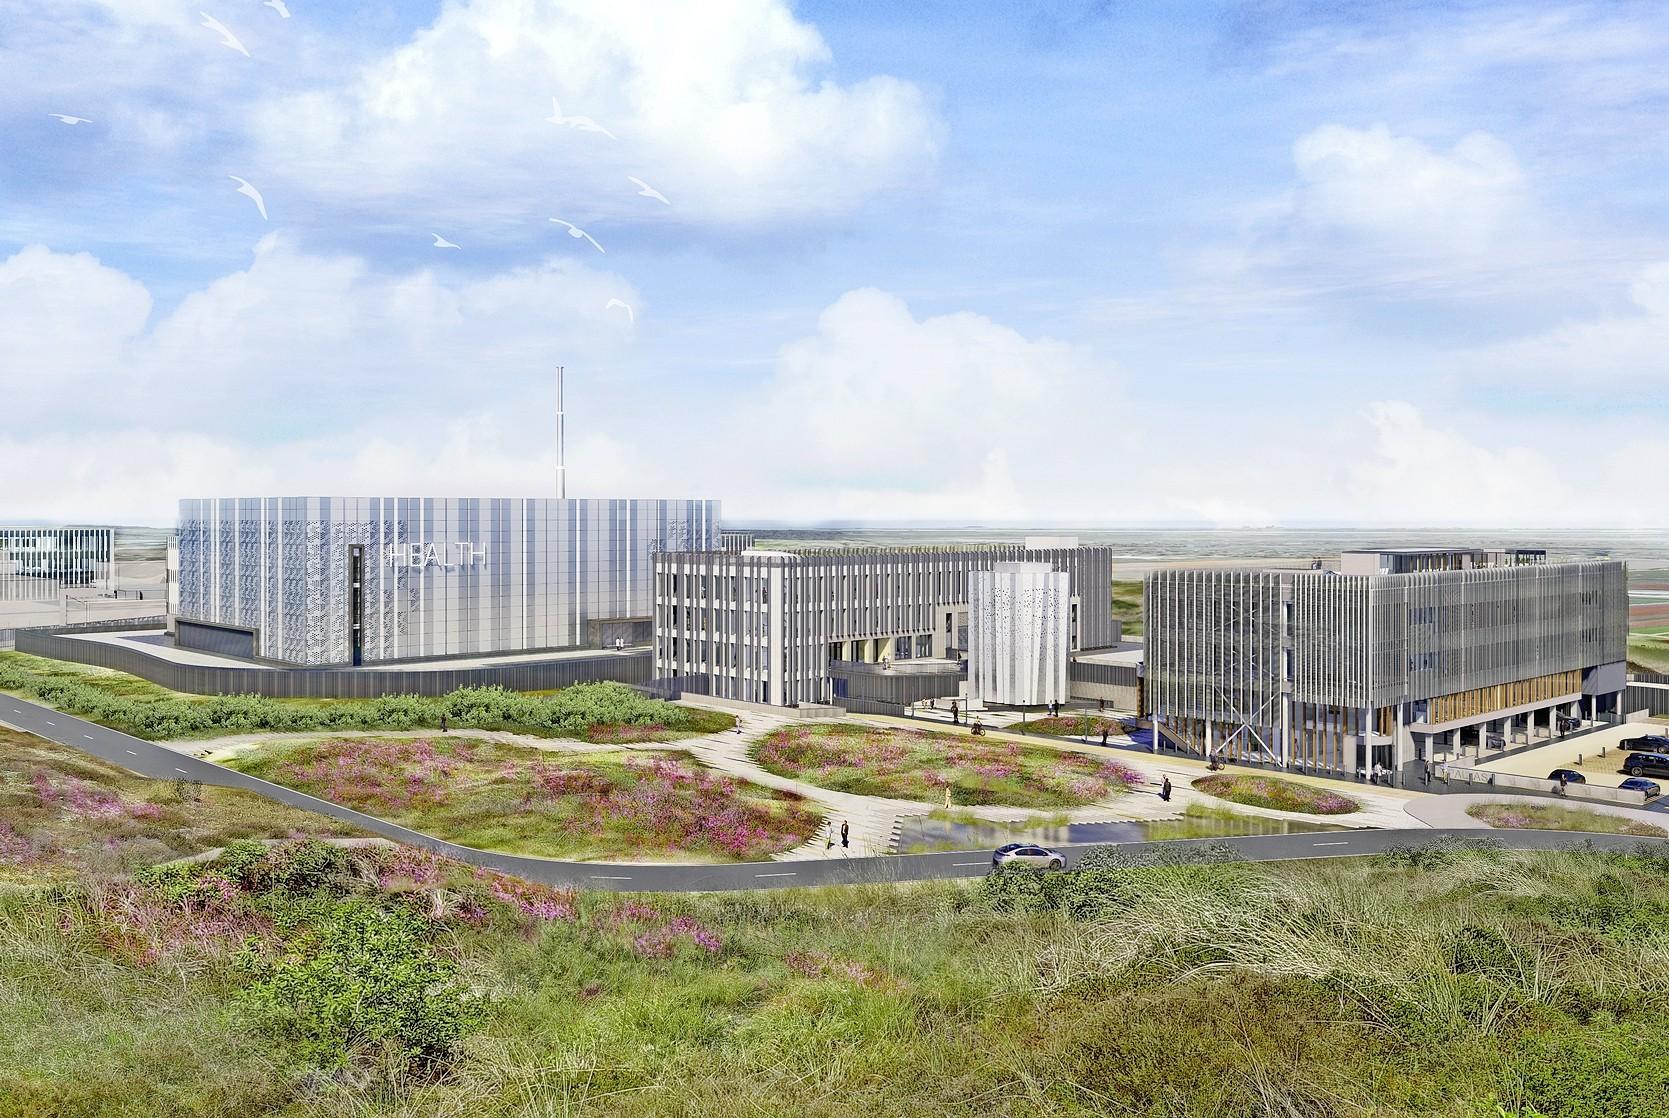 Flinke nieuwe domper voor nieuwe reactor in Petten: Geen 700 miljoen maar zo'n twee miljard euro nodig